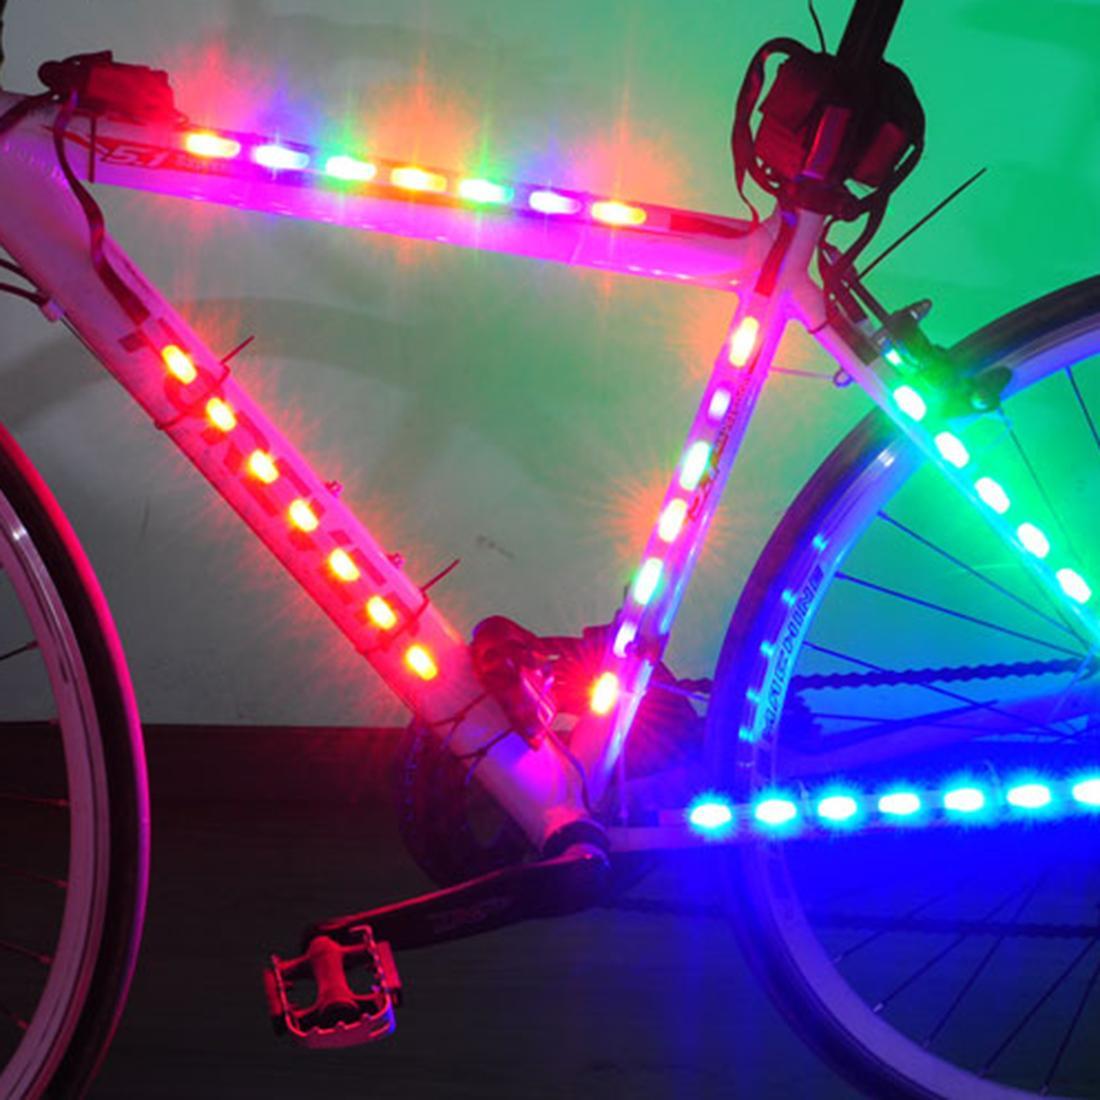 2018 Battery Bicycle Light Led Bike Lamp Safety Spoke Light Strip ...